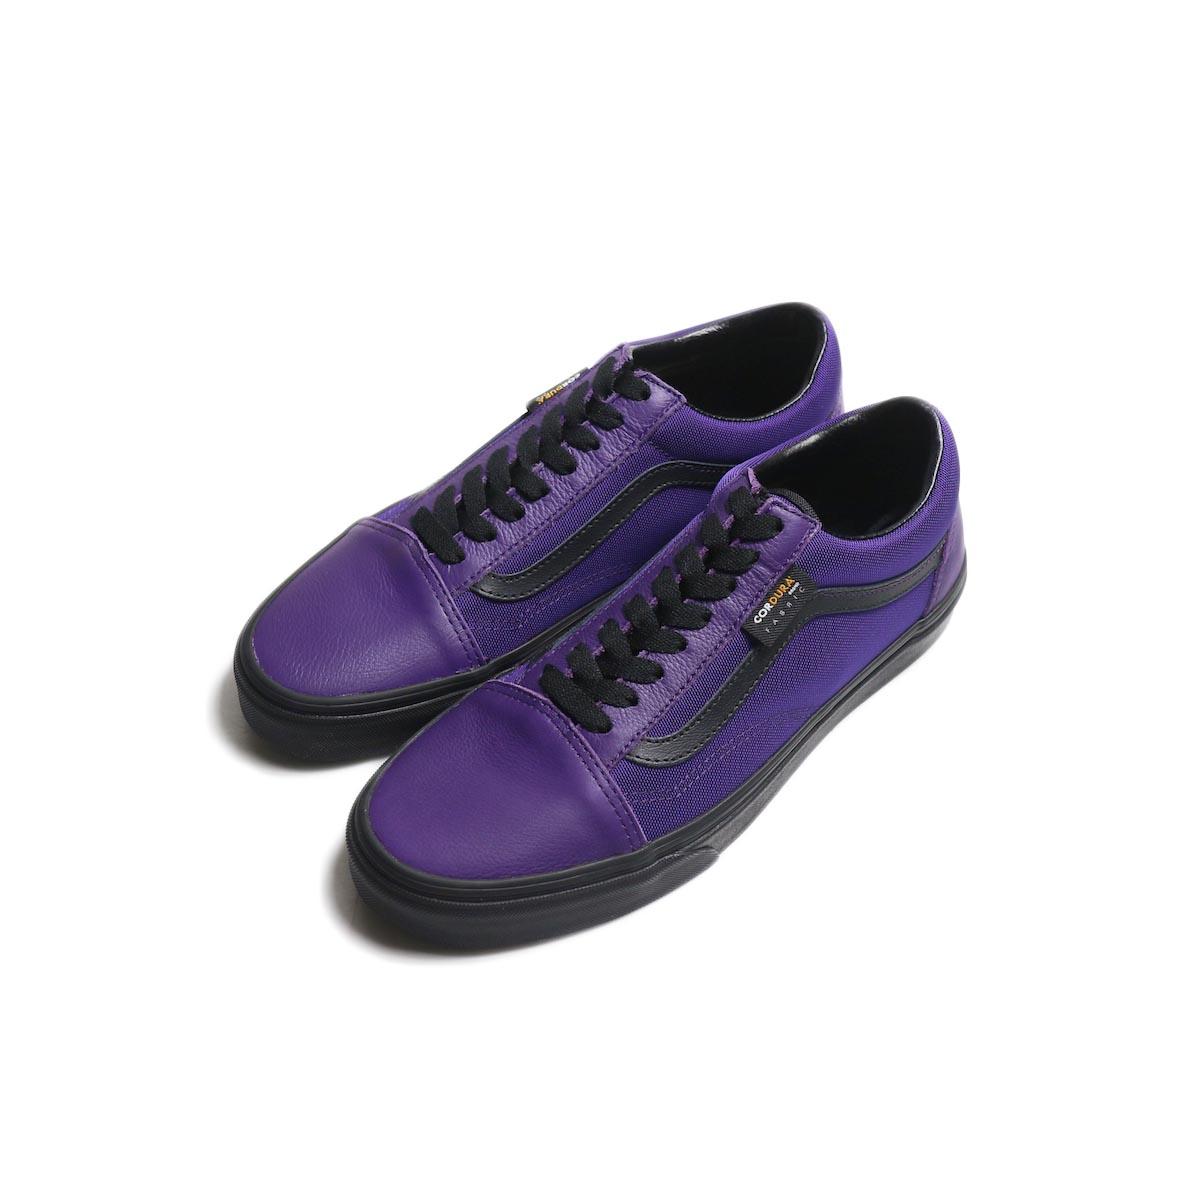 VANS / OLD SKOOL (CORDURA) (Purple)